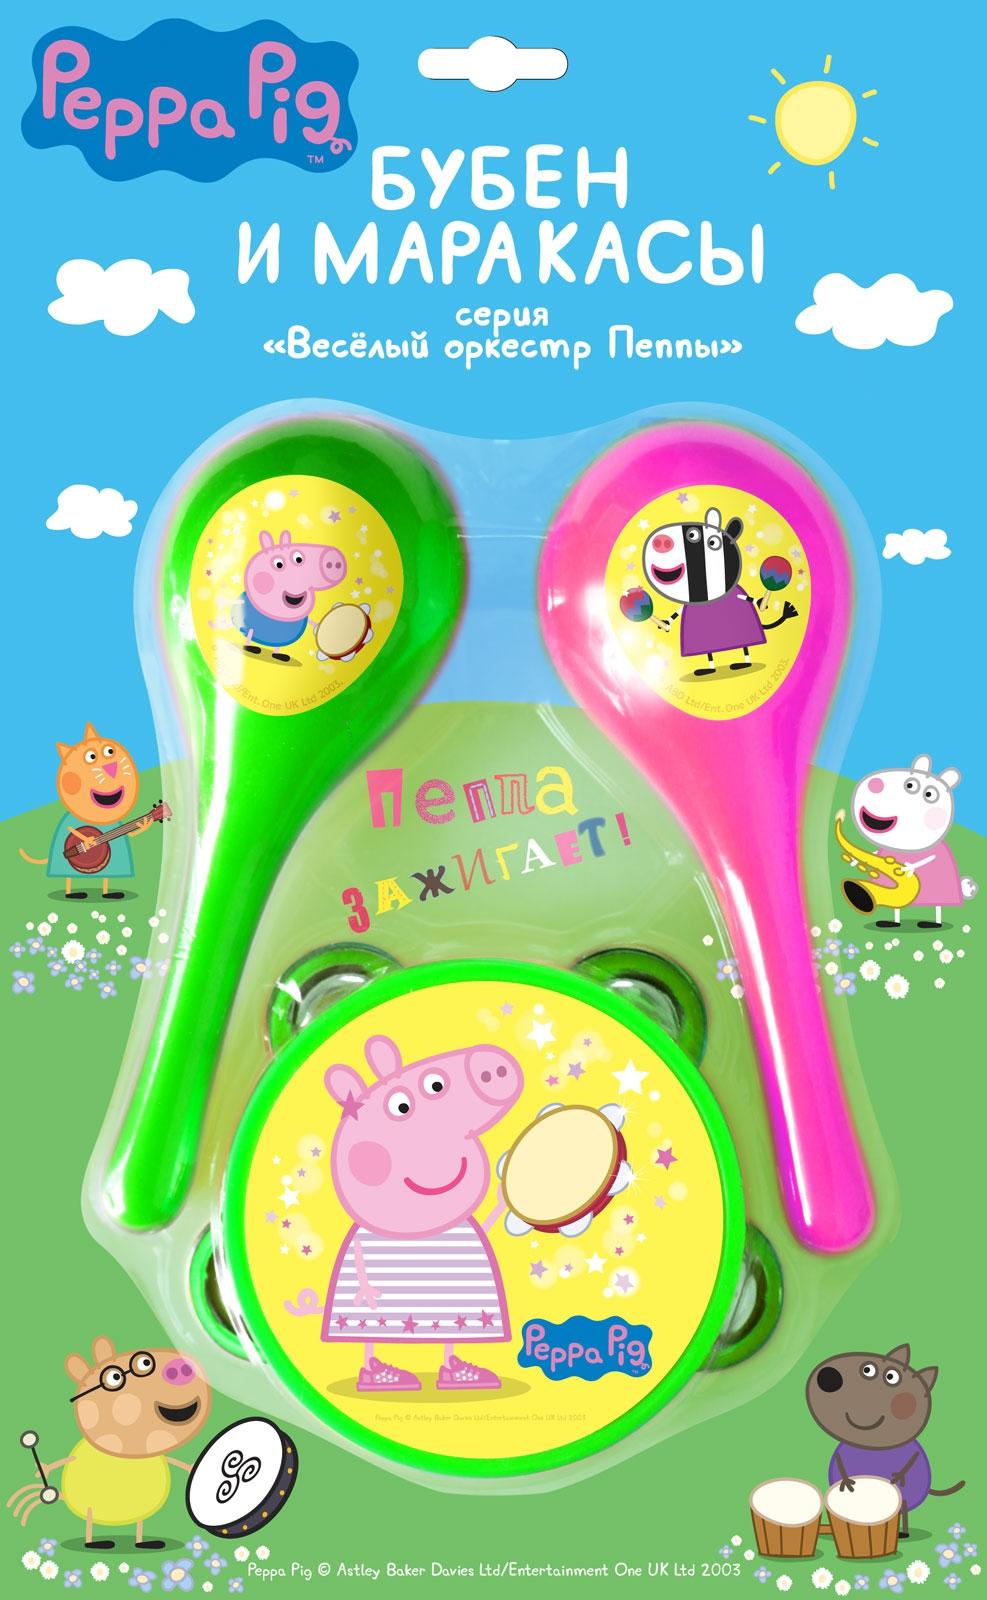 Купить Набор, Бубен и маракасы, 1шт., Peppa Pig 30569, Китай, розовый, зелёный